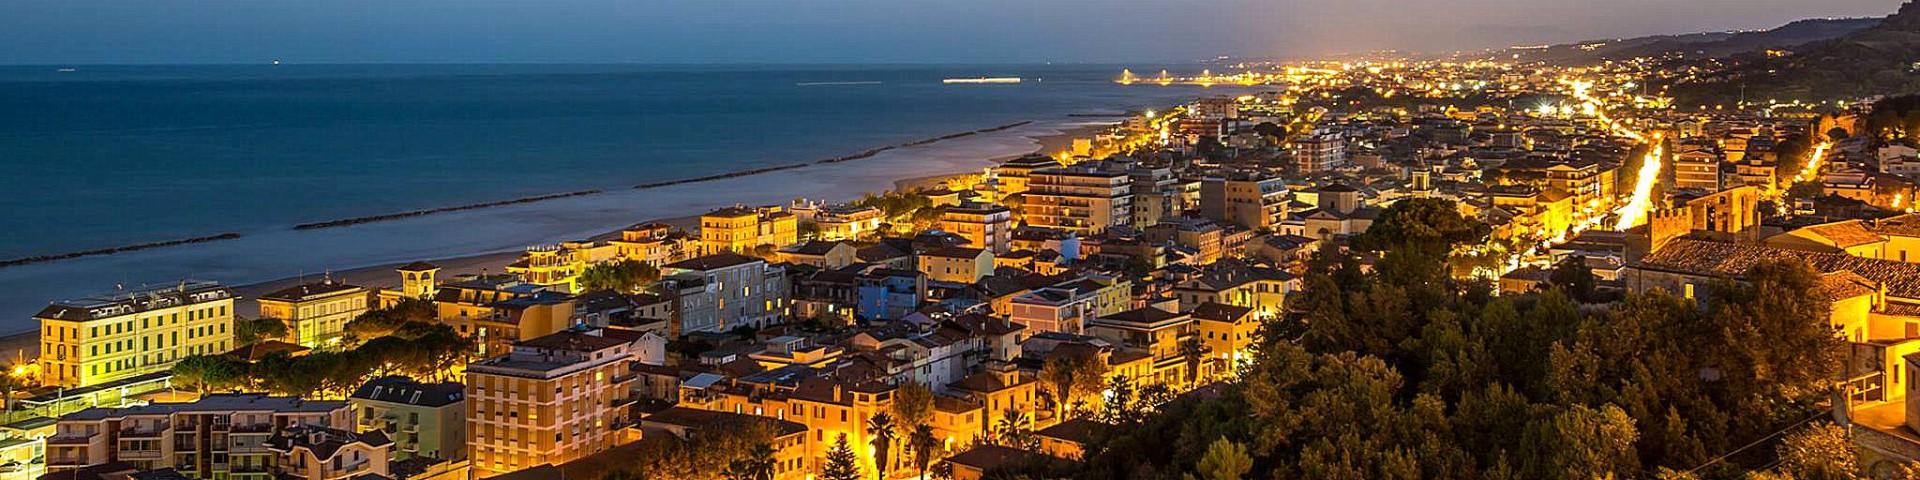 """Grottammare """"by night"""", v pozadí je už vidět San Benedetto"""